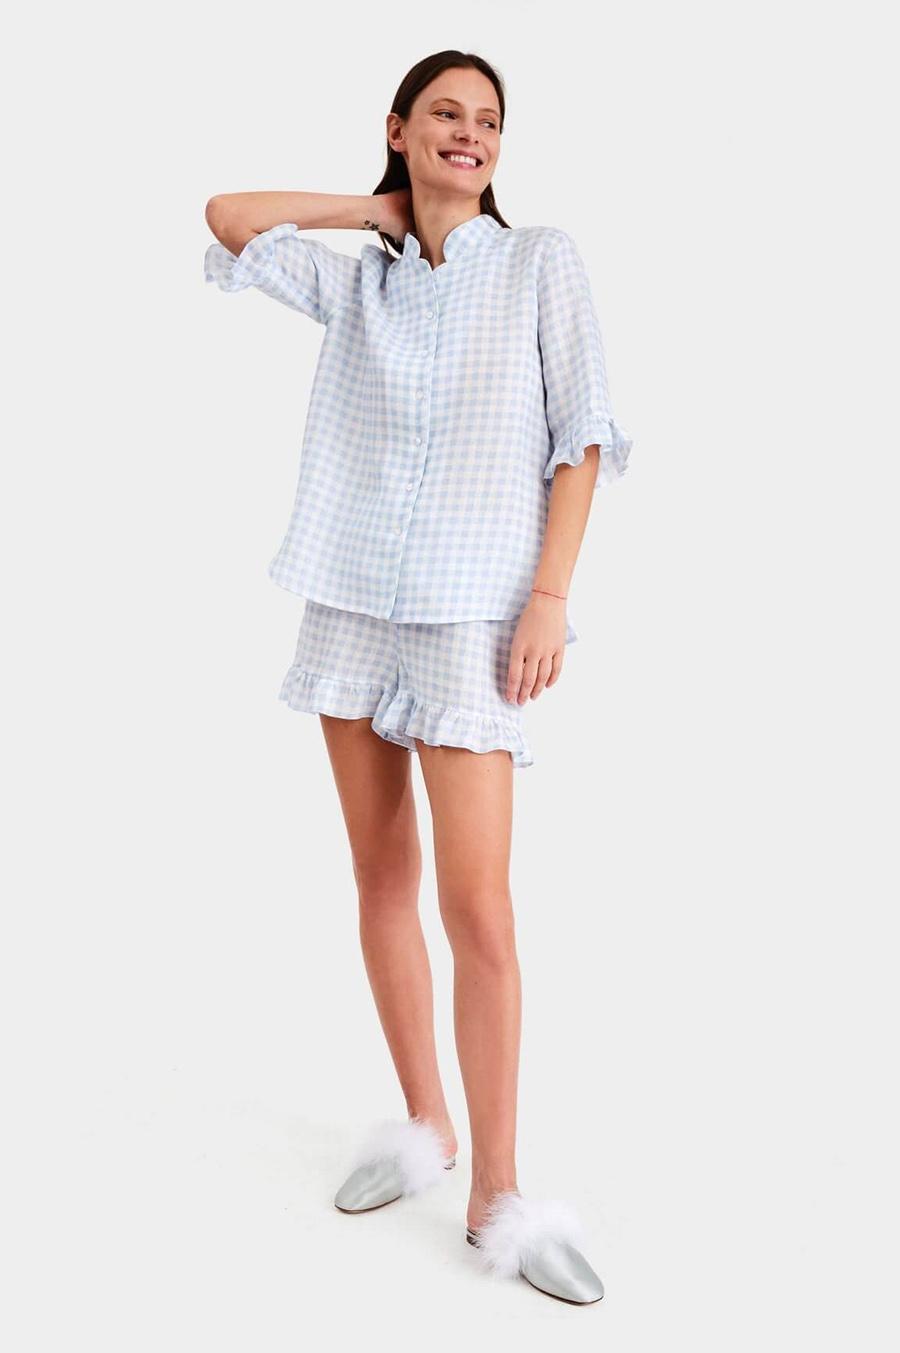 модный костюм лен льняной шорты жакет пиджак рубашка белый голубой клетка